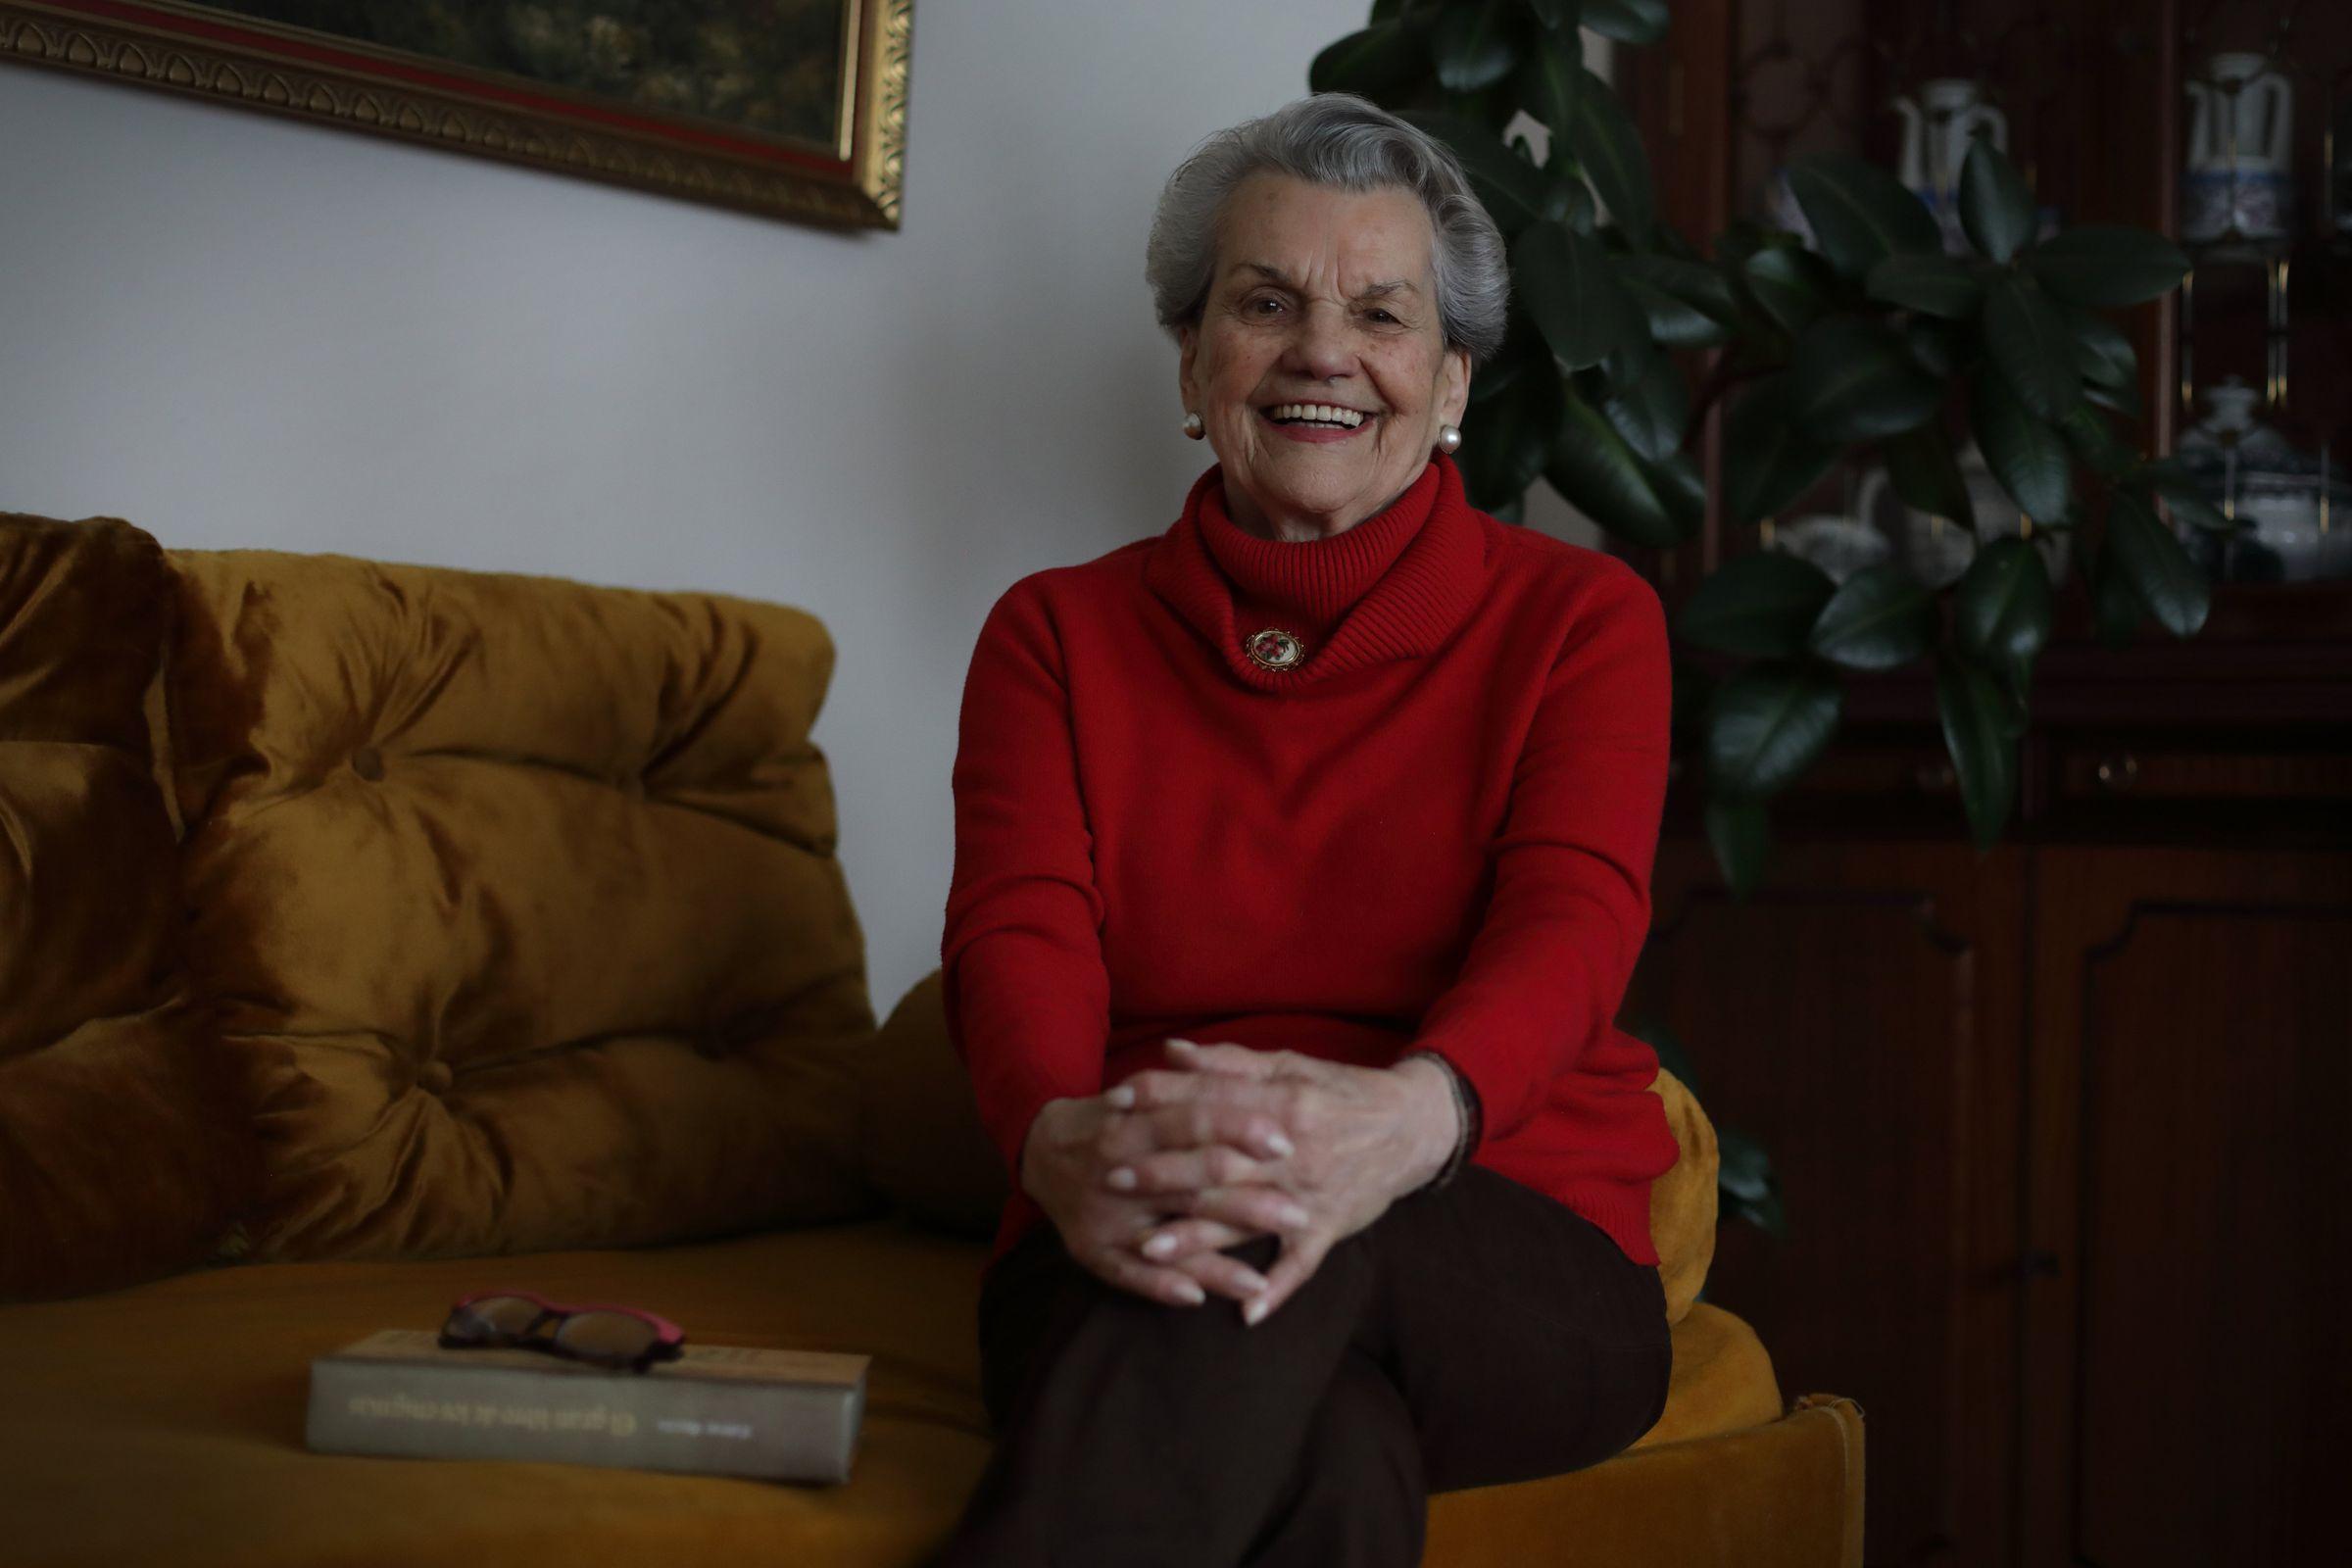 Carmen cumple 90 años el 1 de mayo. Desde el 13 de marzo vive aislada en su piso de A Coruña. Está sola, pero es una lección de cómo sobrevellevar un confinamiento